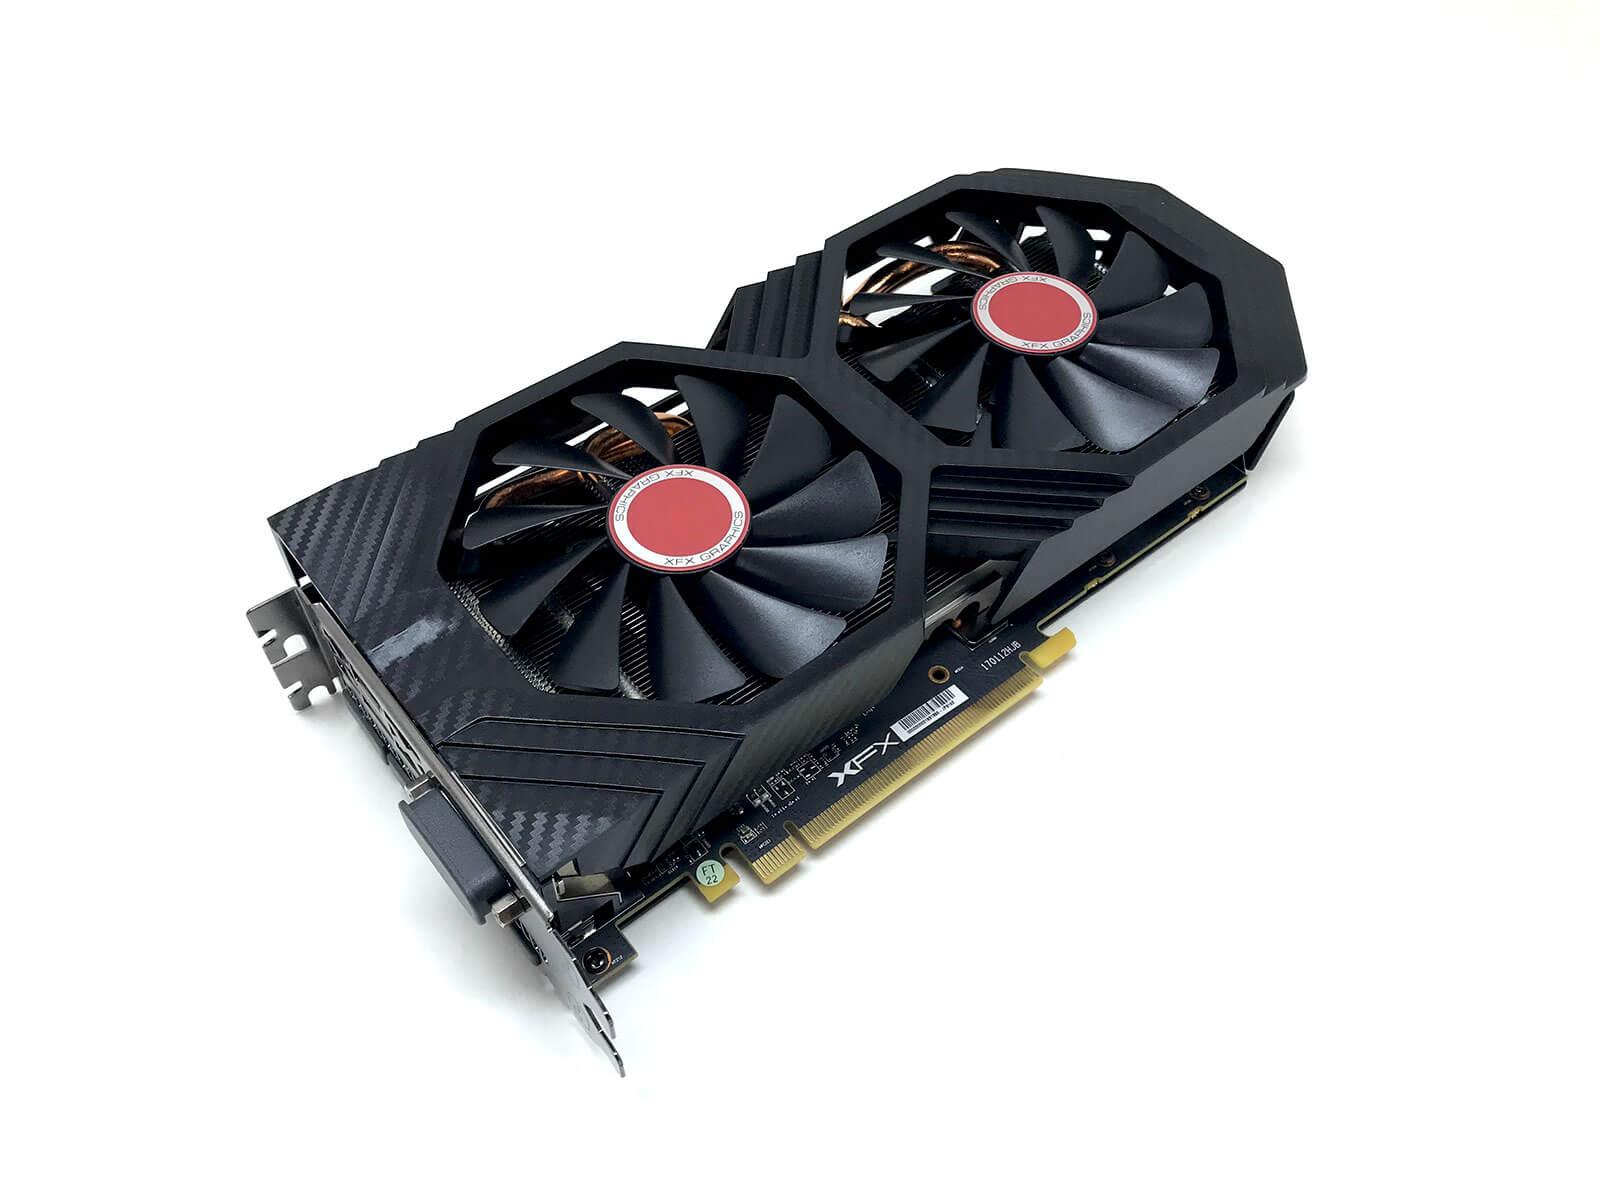 KARTA GRAFICZNA XFX RADEON RX 580 GTS 8GB GDDR5 256 BIT NOVE